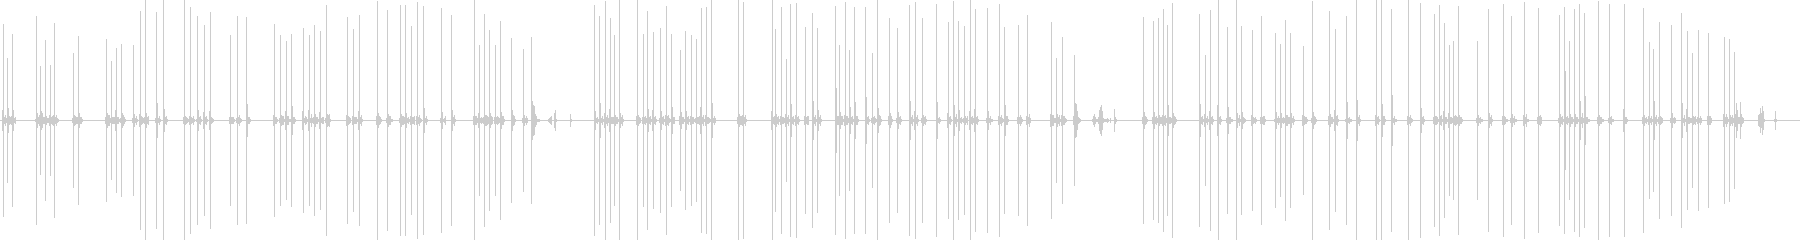 クラシックタイプライターの入力(中速)の未再生の波形